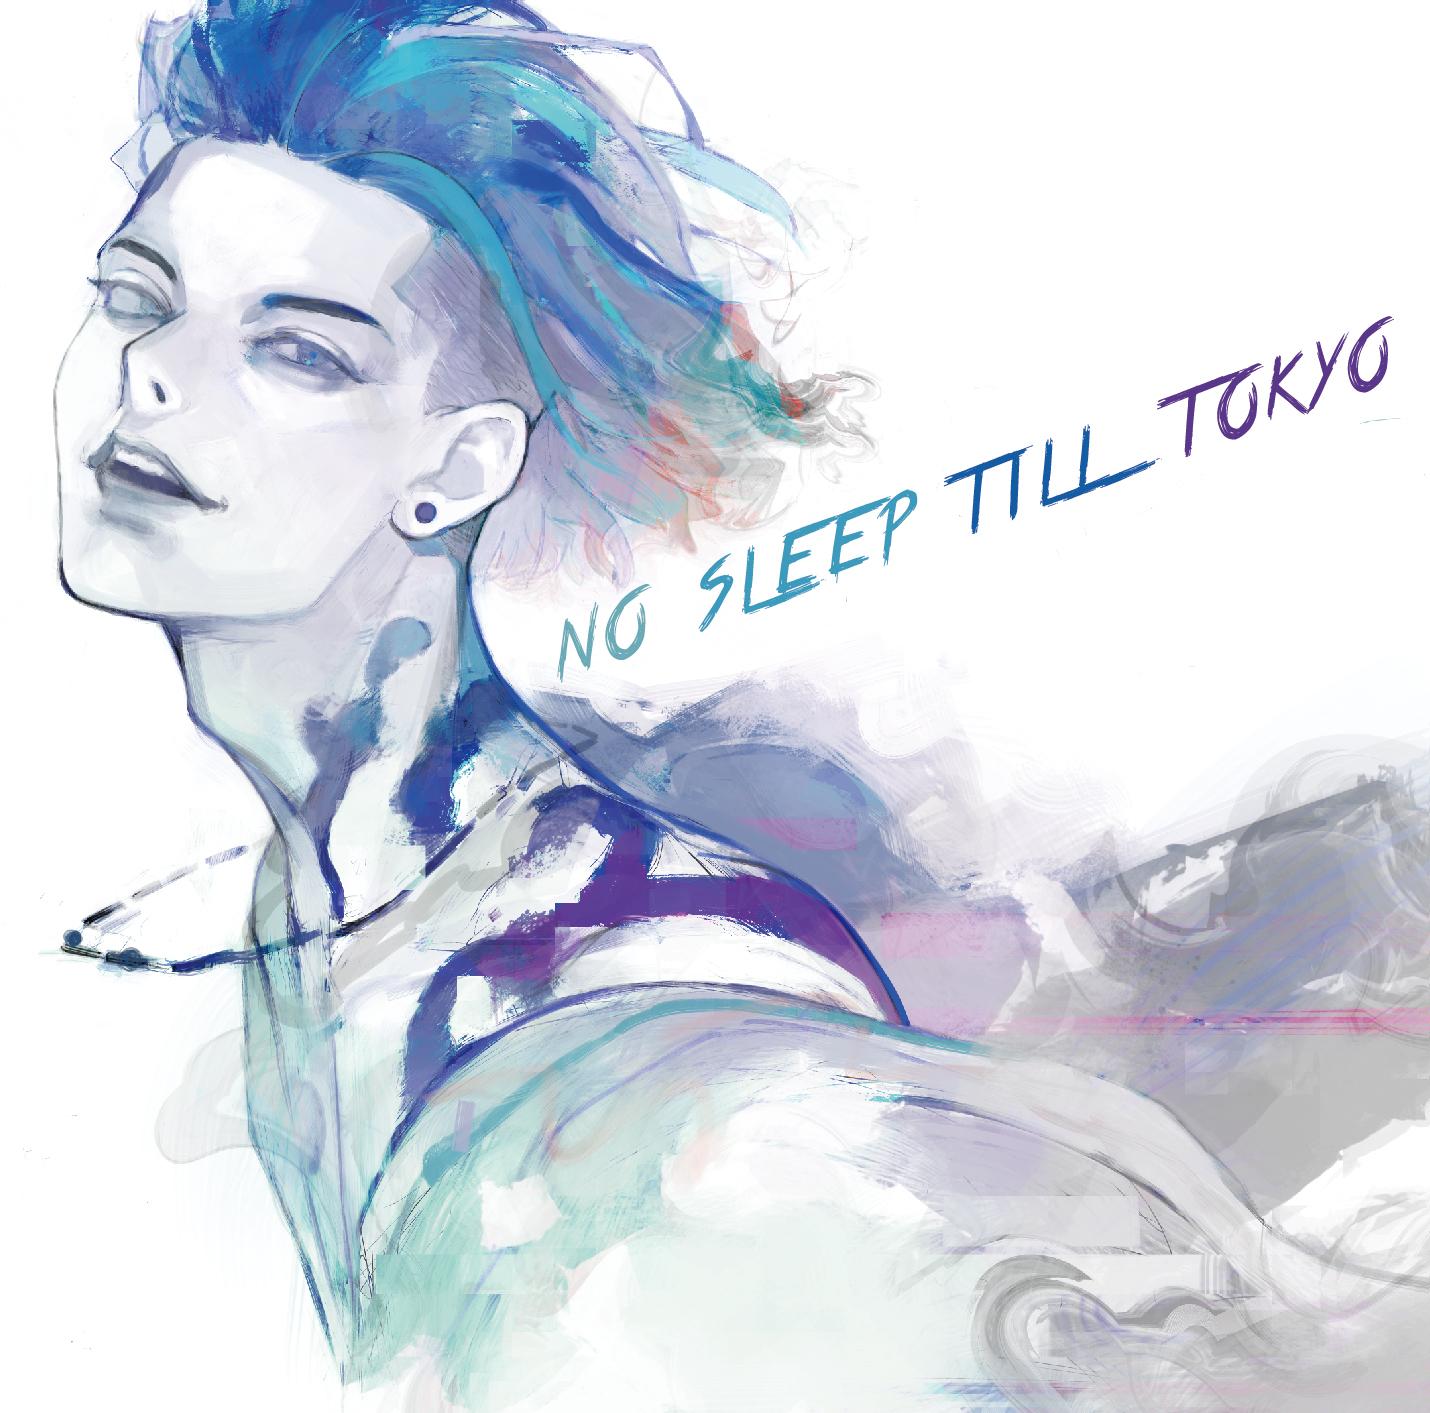 『NO SLEEP TILL TOKYO』通常盤